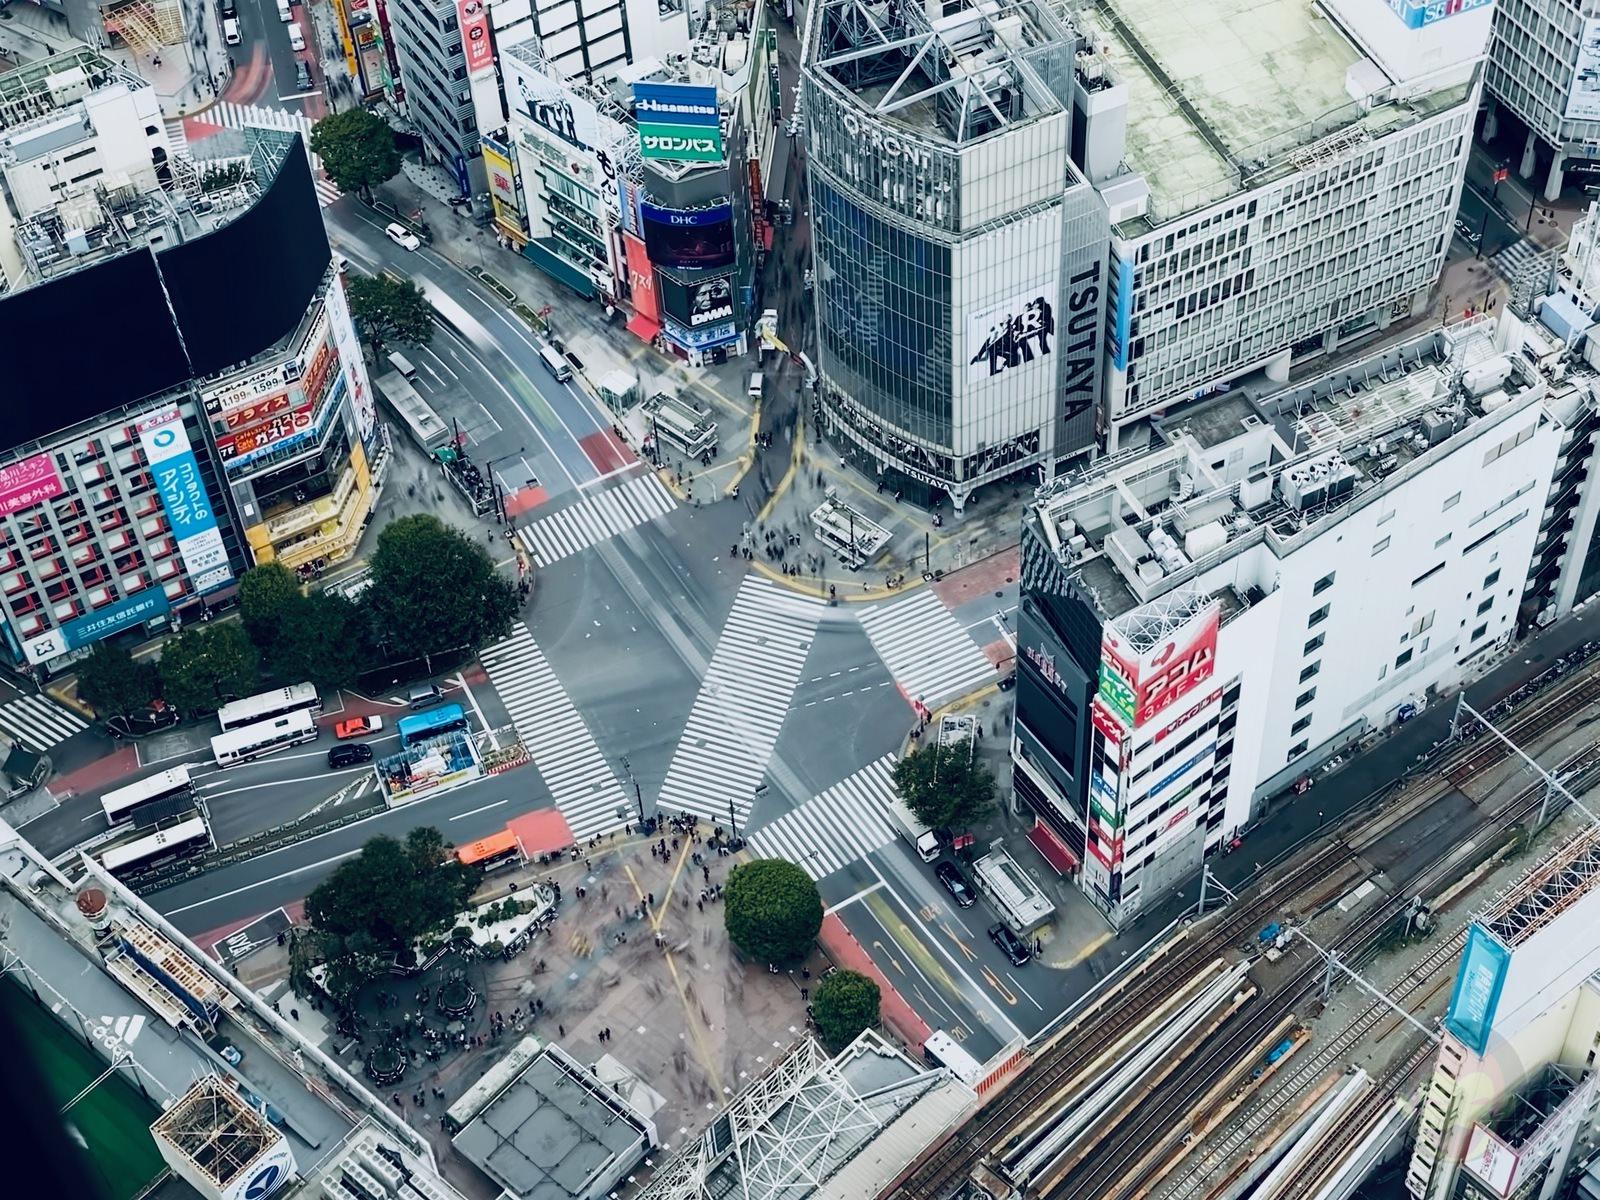 Shibuya Scramble Square ShibuyaSky 10